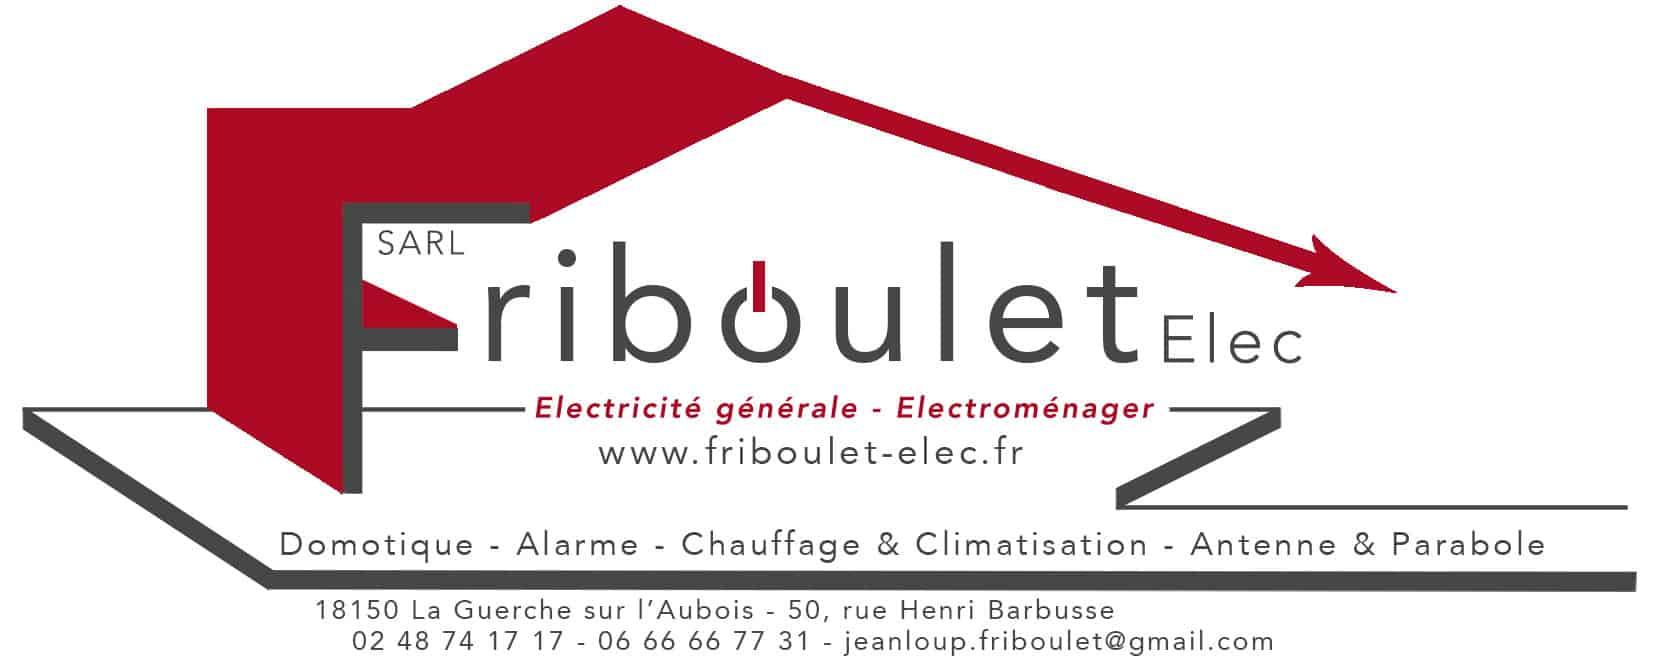 SARL Friboulet-Elec